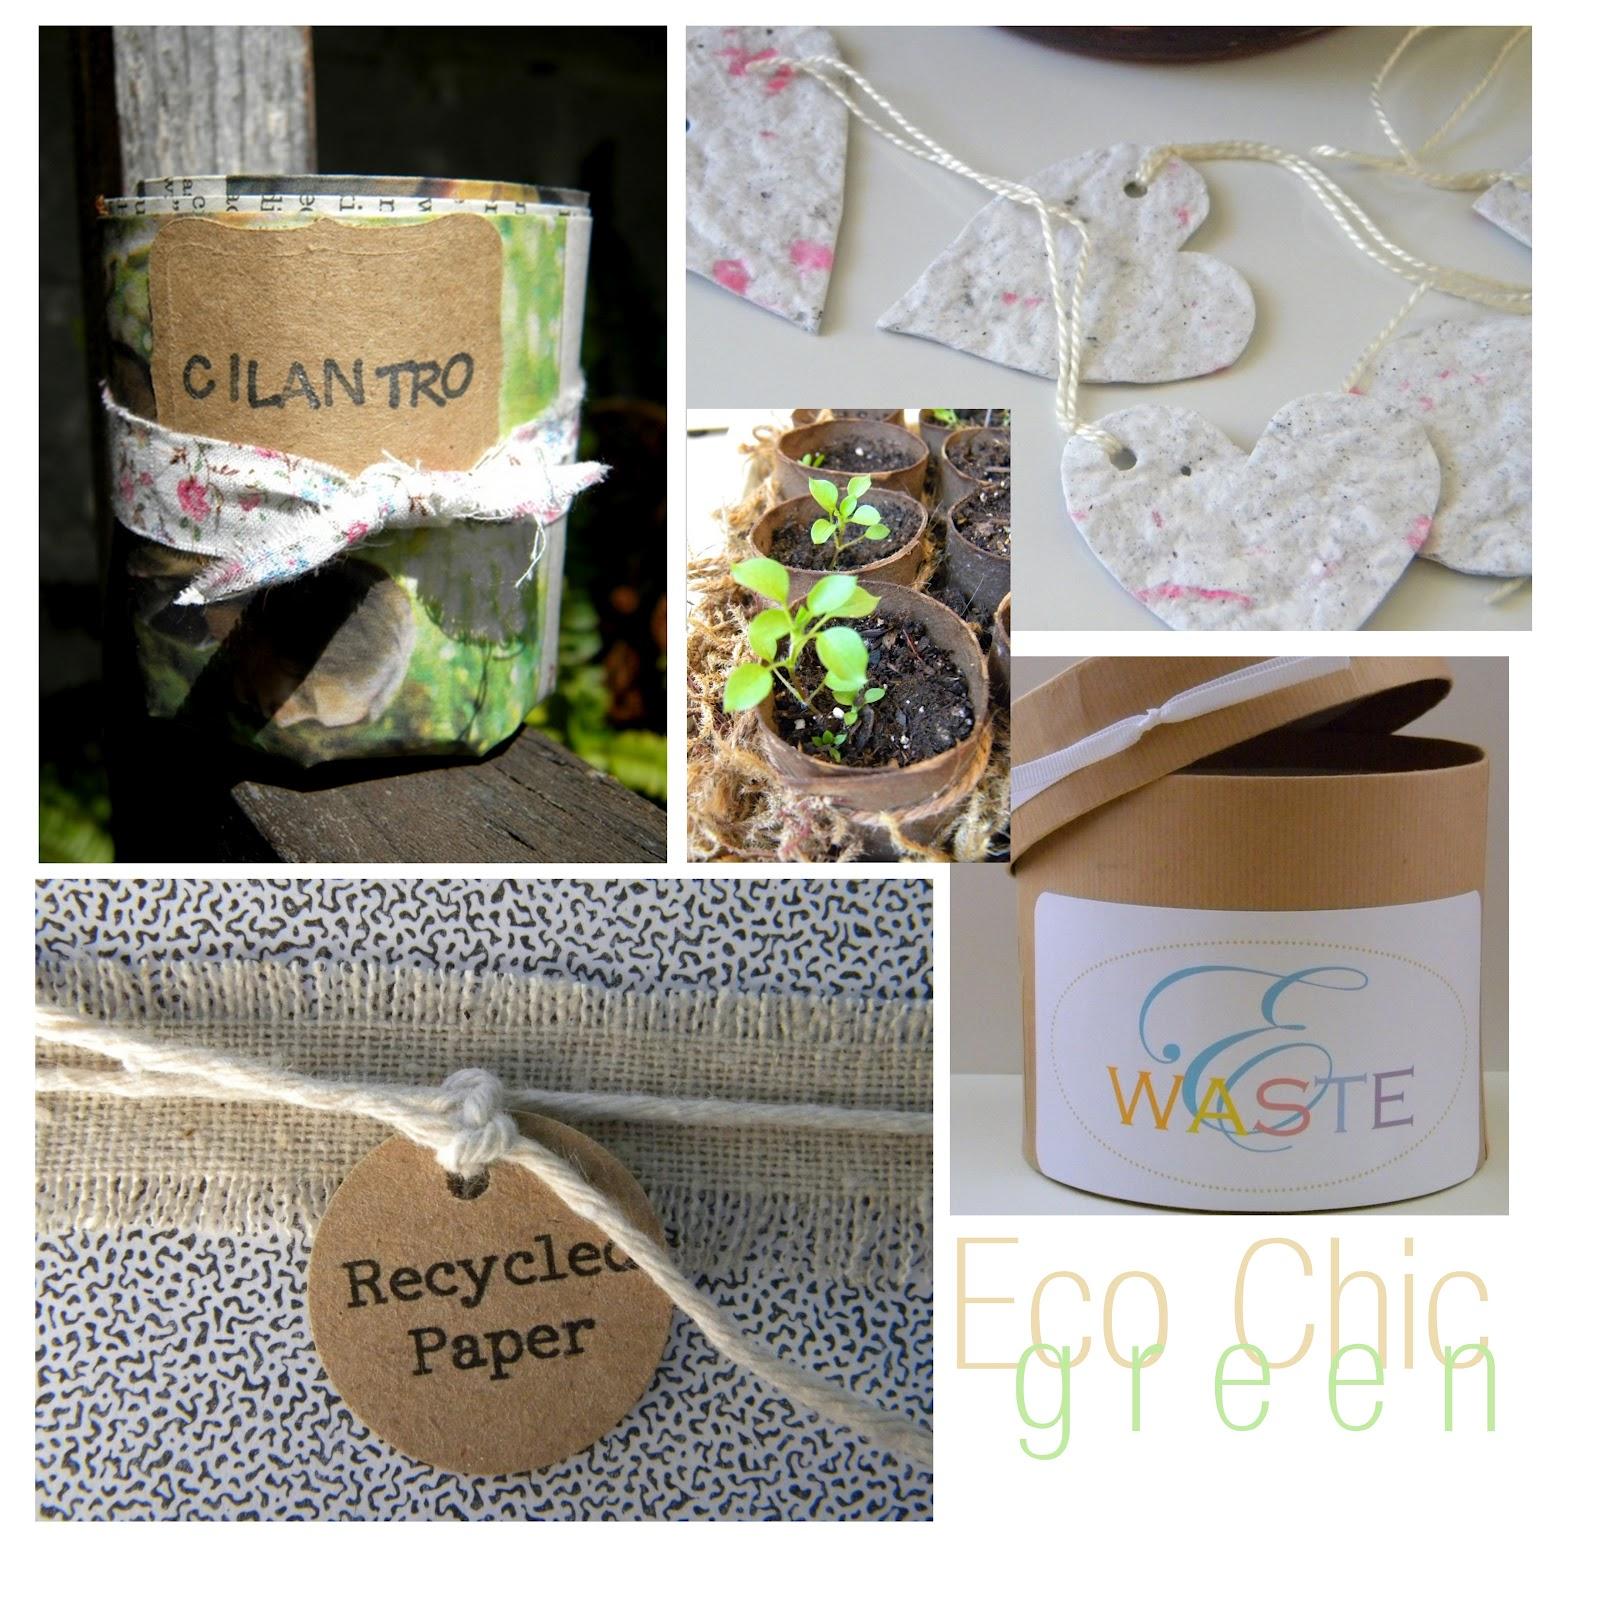 http://2.bp.blogspot.com/-mjRbJHdpUp4/UDK_TDpUkqI/AAAAAAAAJqg/BhXrL2dJs9c/s1600/Eco+Chic+Green.jpg